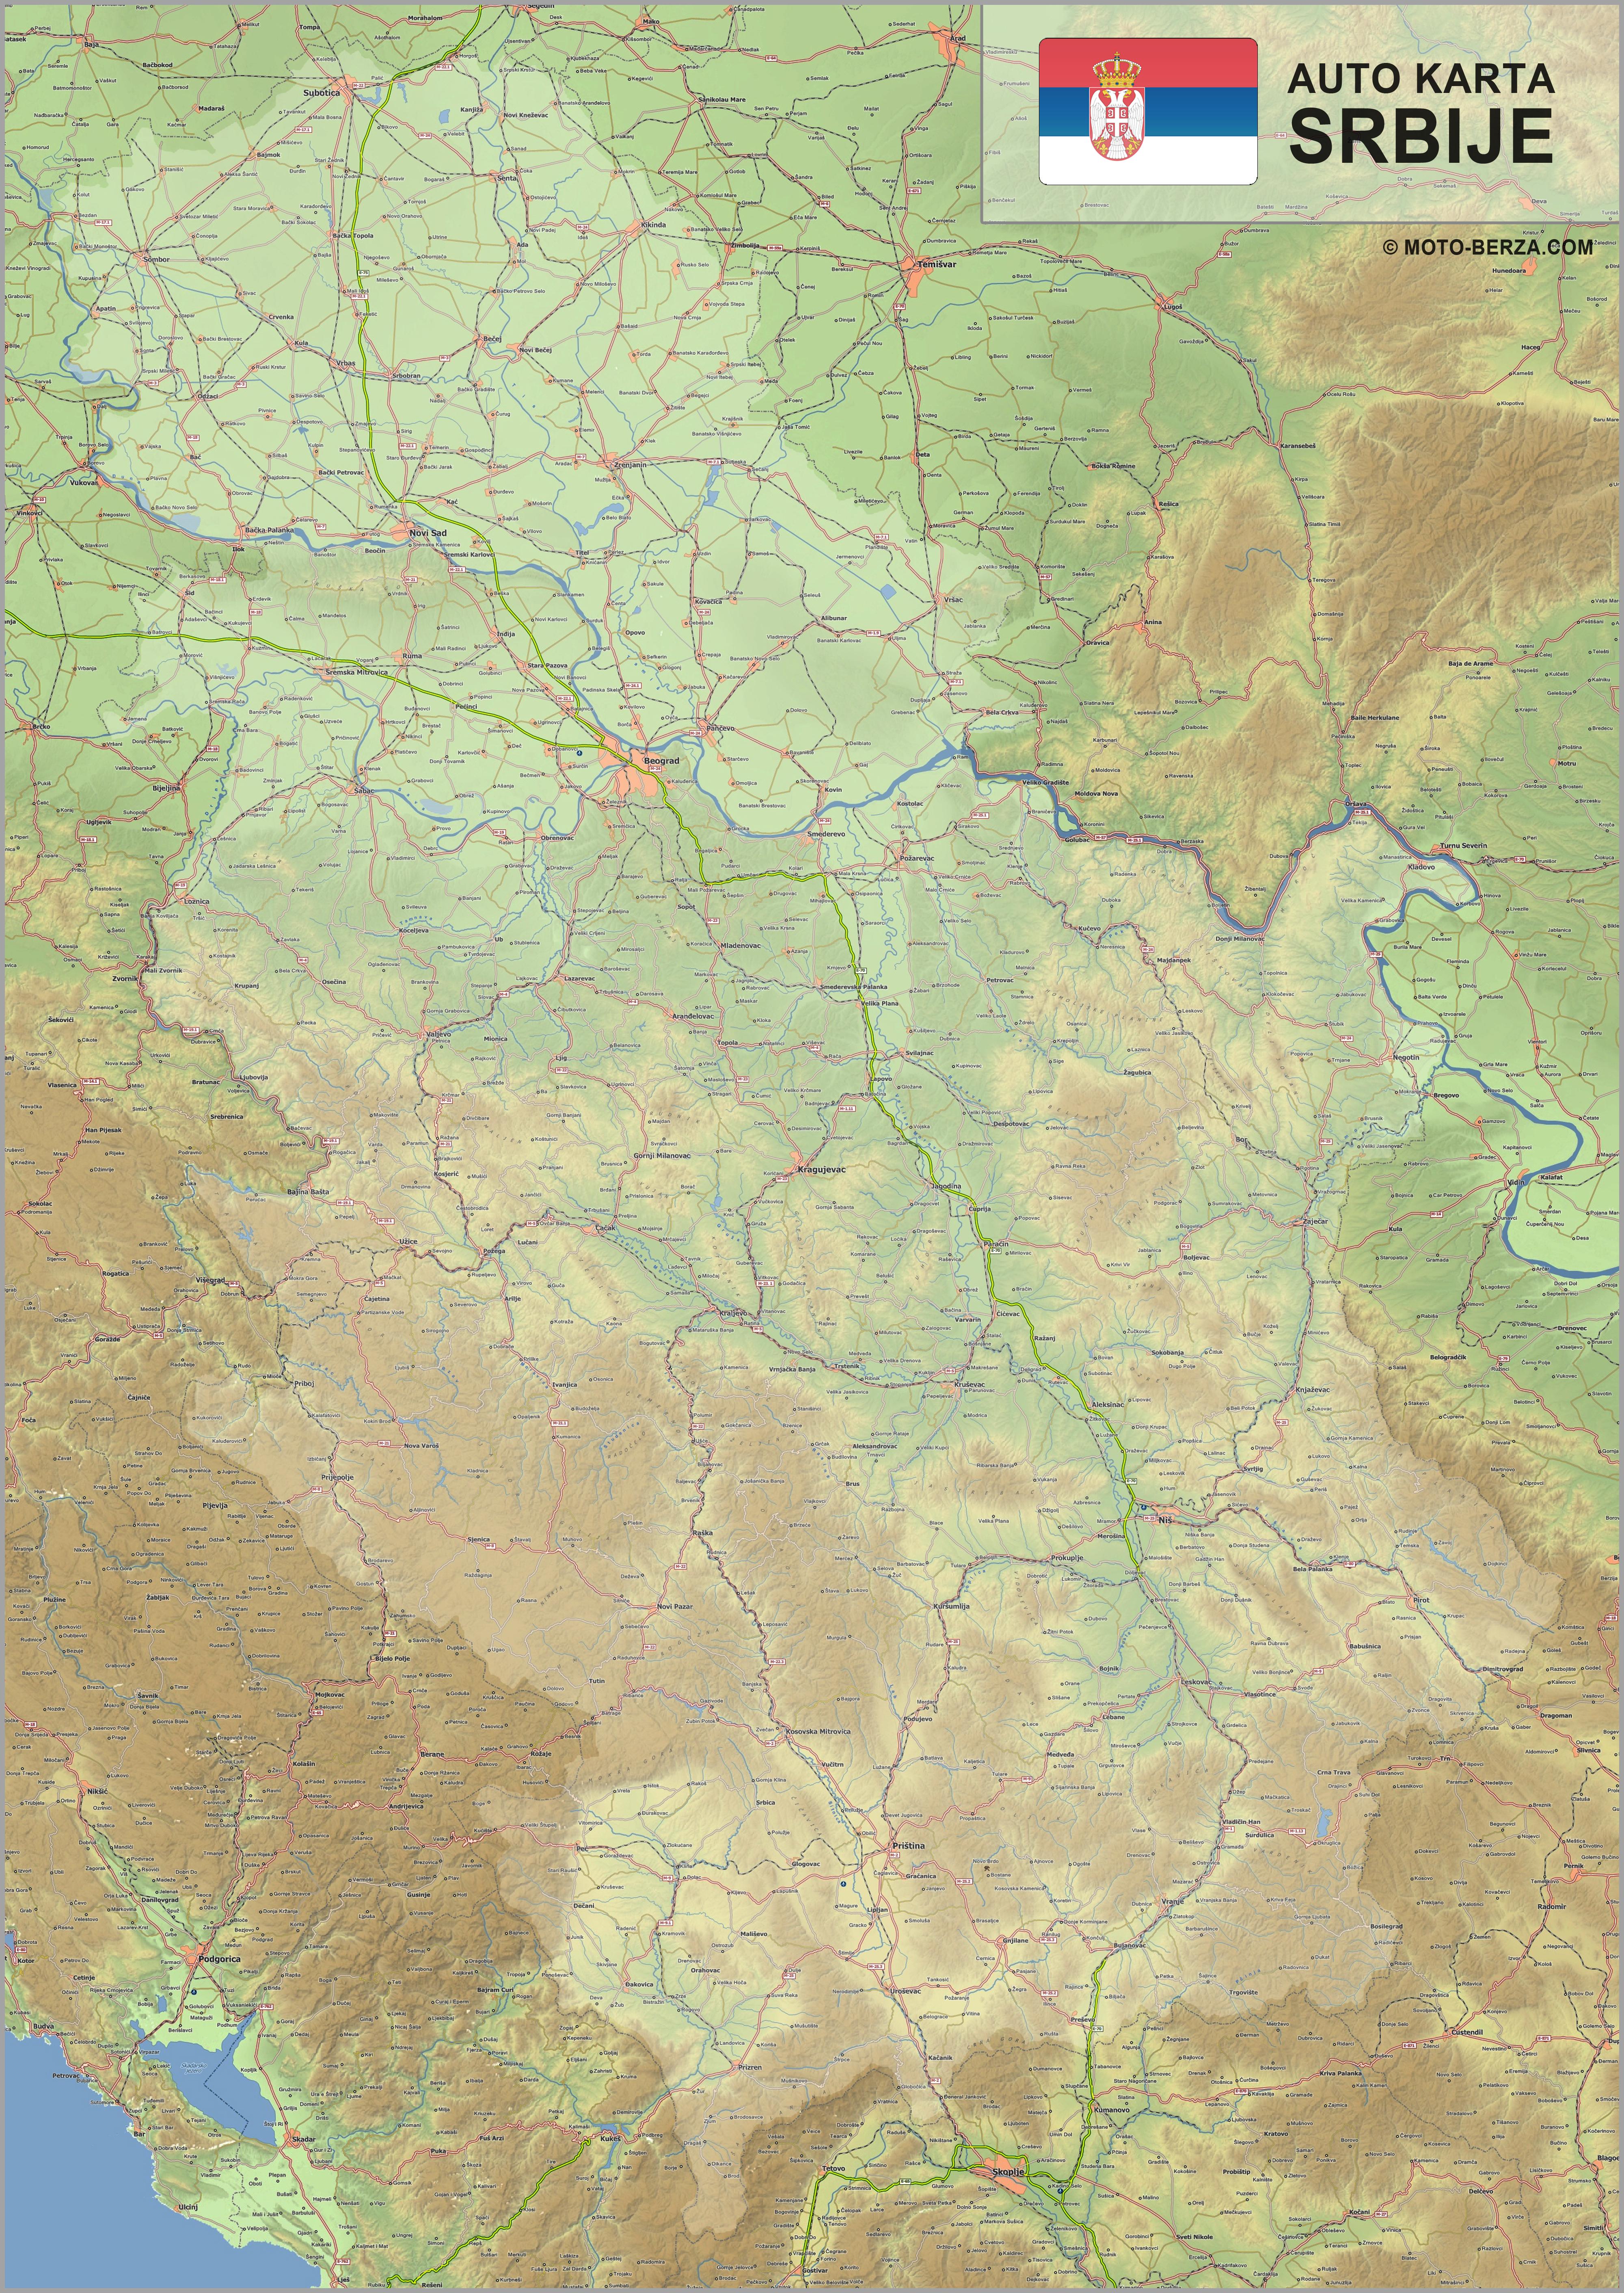 karta srbije i crne gore sa kilometrazom Mapa srbije   Auto karta Srbije   Geografska karta sa putevima karta srbije i crne gore sa kilometrazom